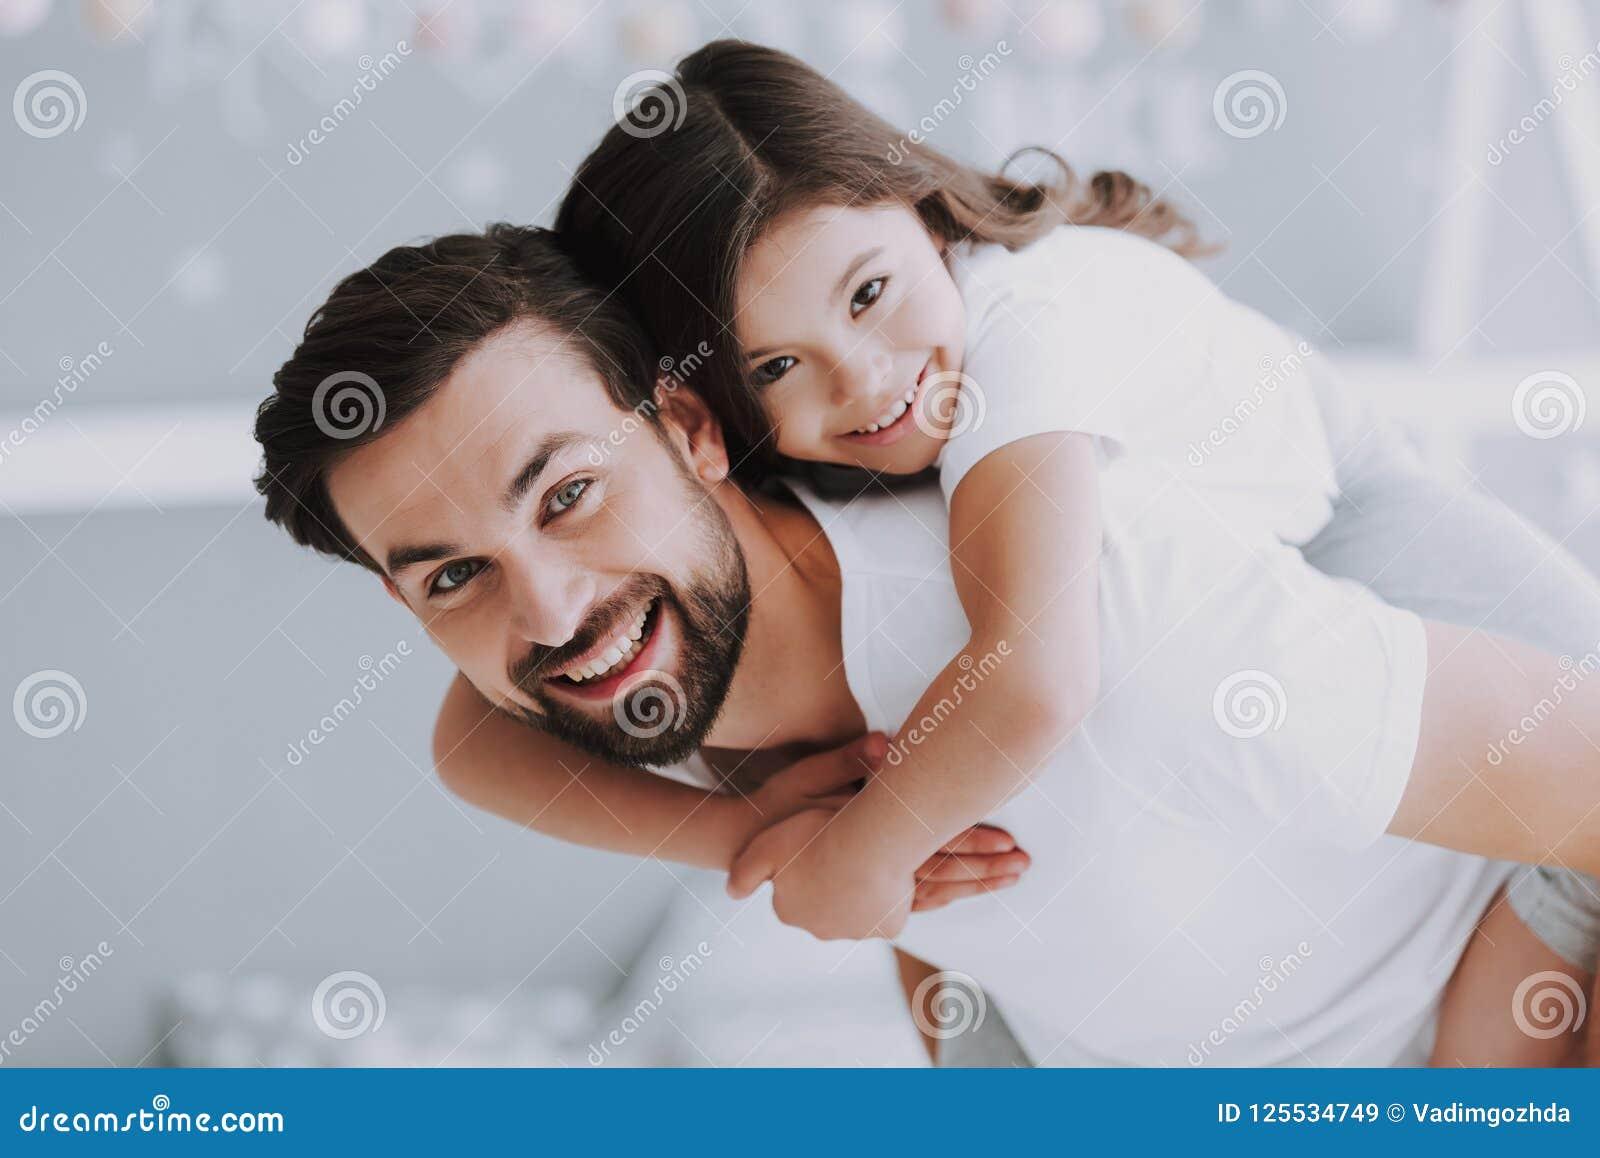 肩扛乘驾的逗人喜爱的年轻女儿与爸爸